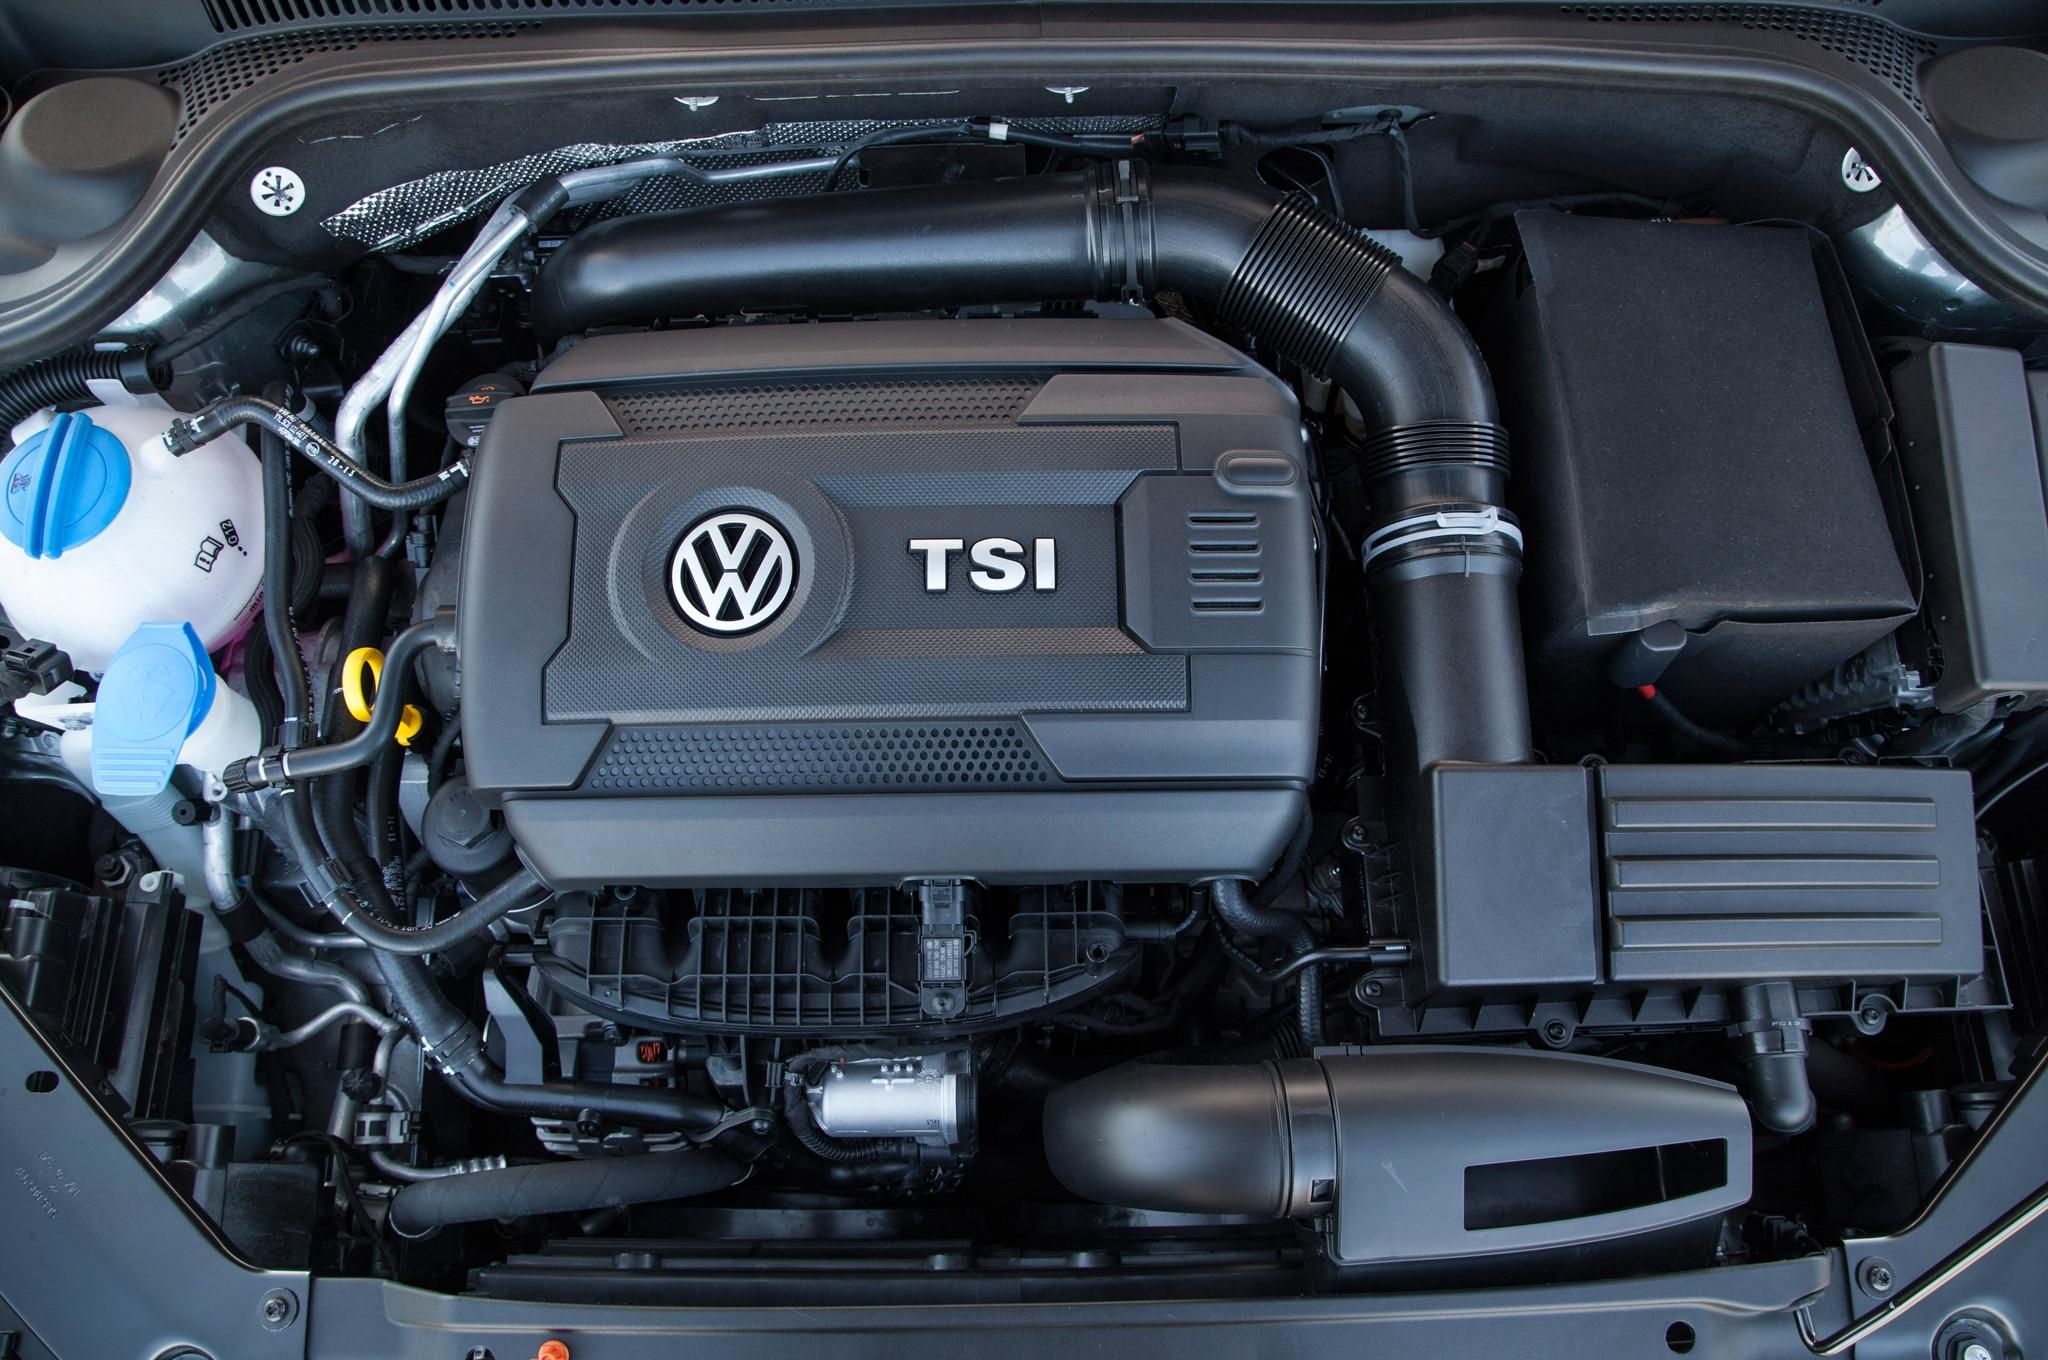 audi a3 8l fuse box recall central 2014 volkswagen jetta  passat  and beetle 1 8t  recall central 2014 volkswagen jetta  passat  and beetle 1 8t